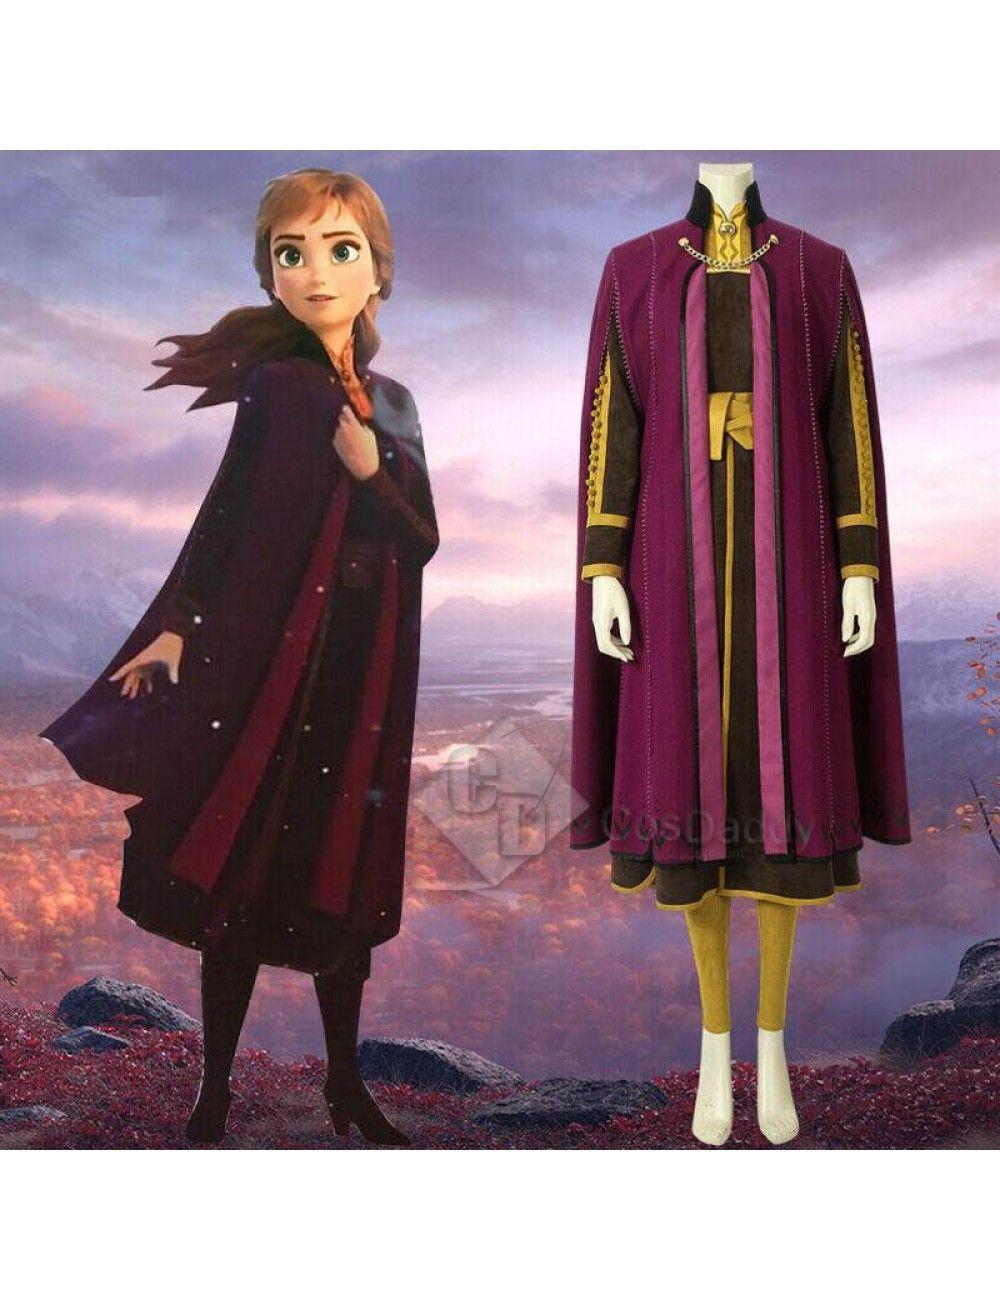 df0d4df4ecf Frozen 2 Princess Anna Cosplay Costume | Frozen 2 | Anna frozen ...